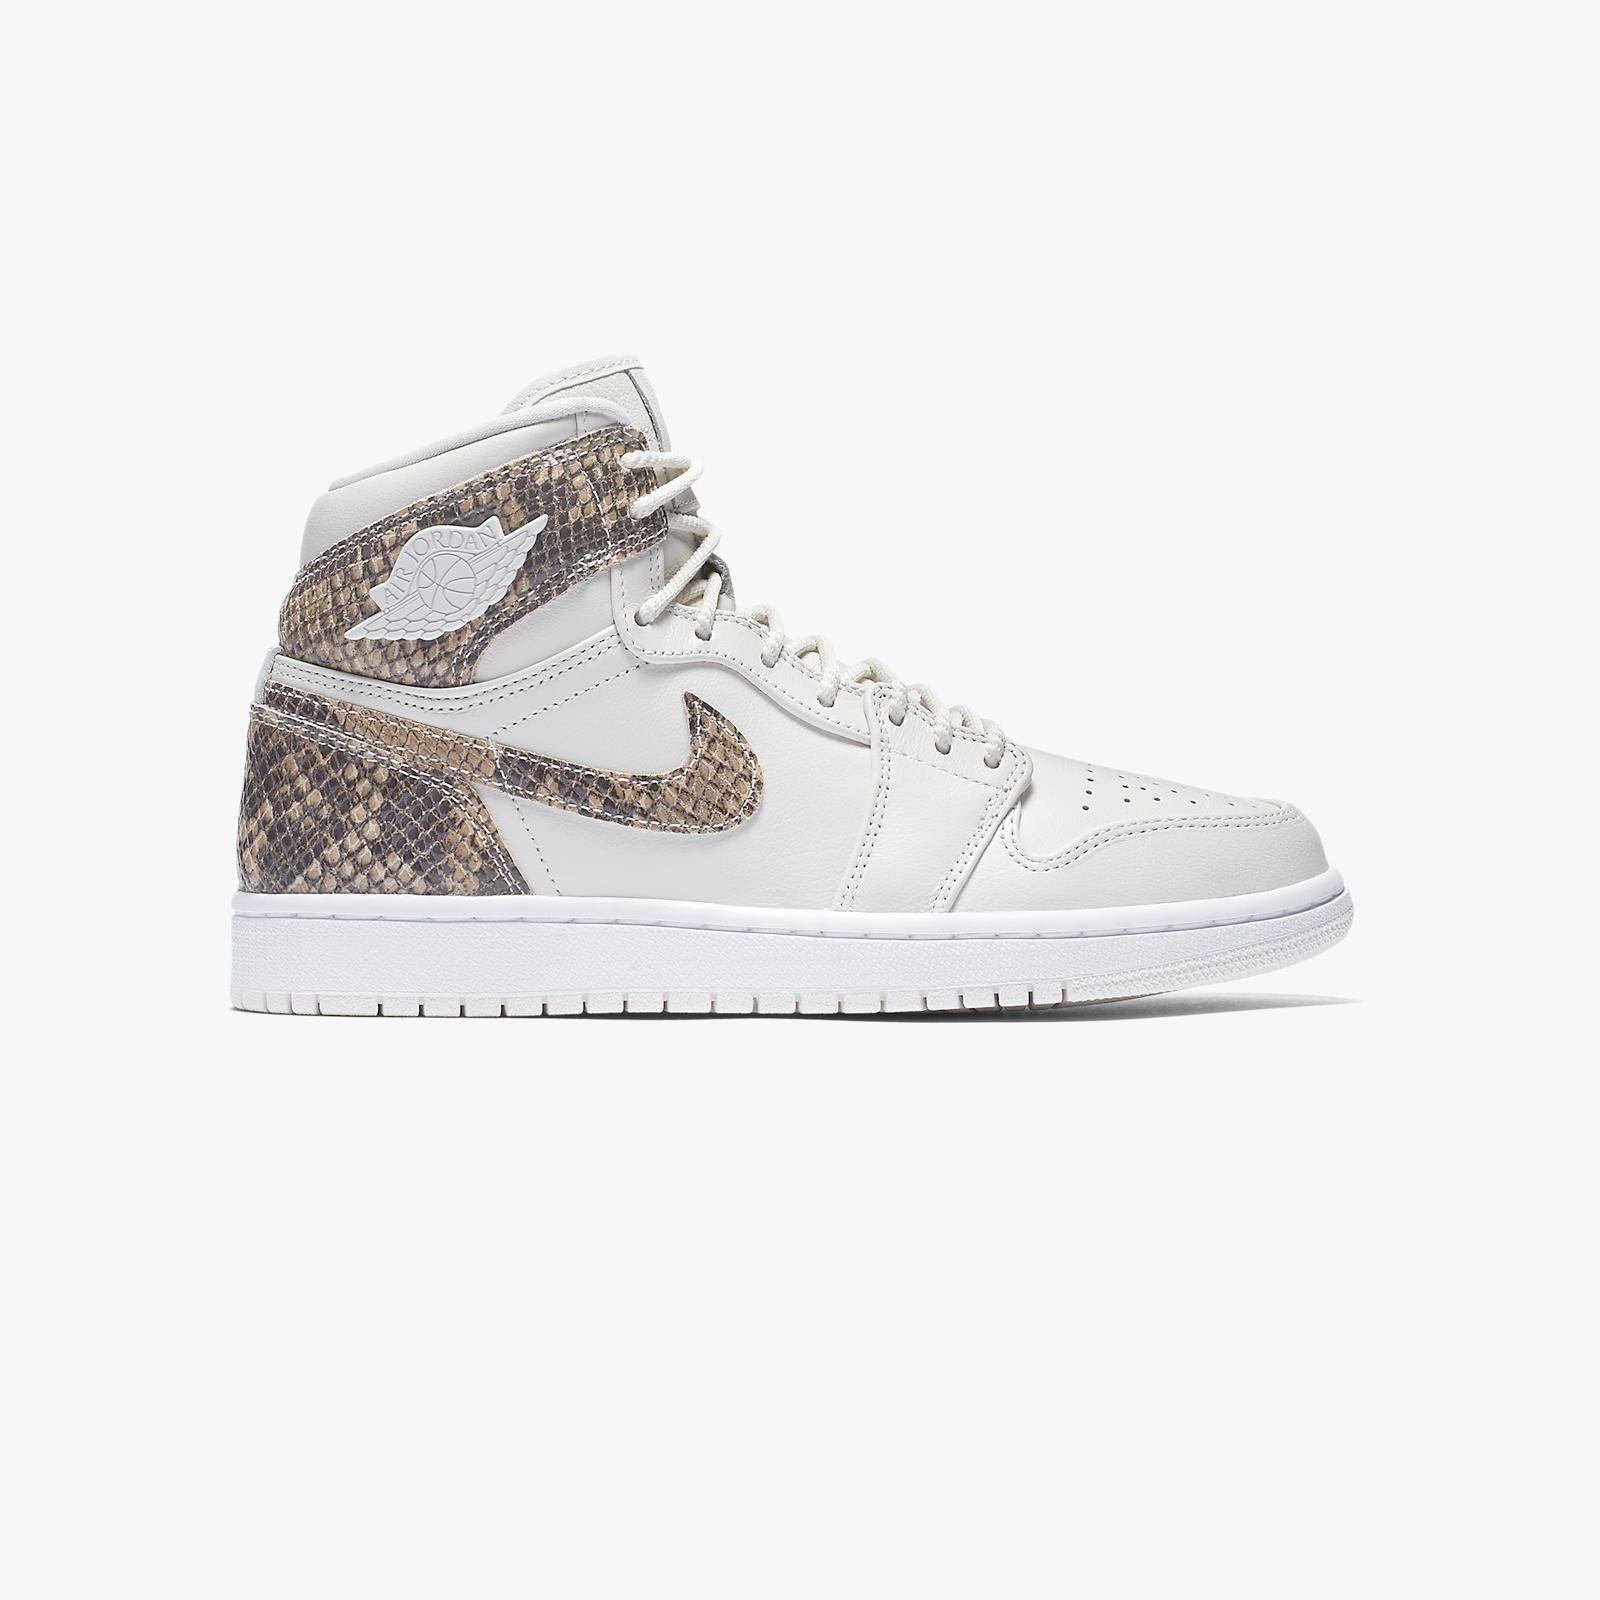 Jordan Brand Wmns Air Jordan 1 High Retro Premum - Ah7389-004 ... 386f213fe